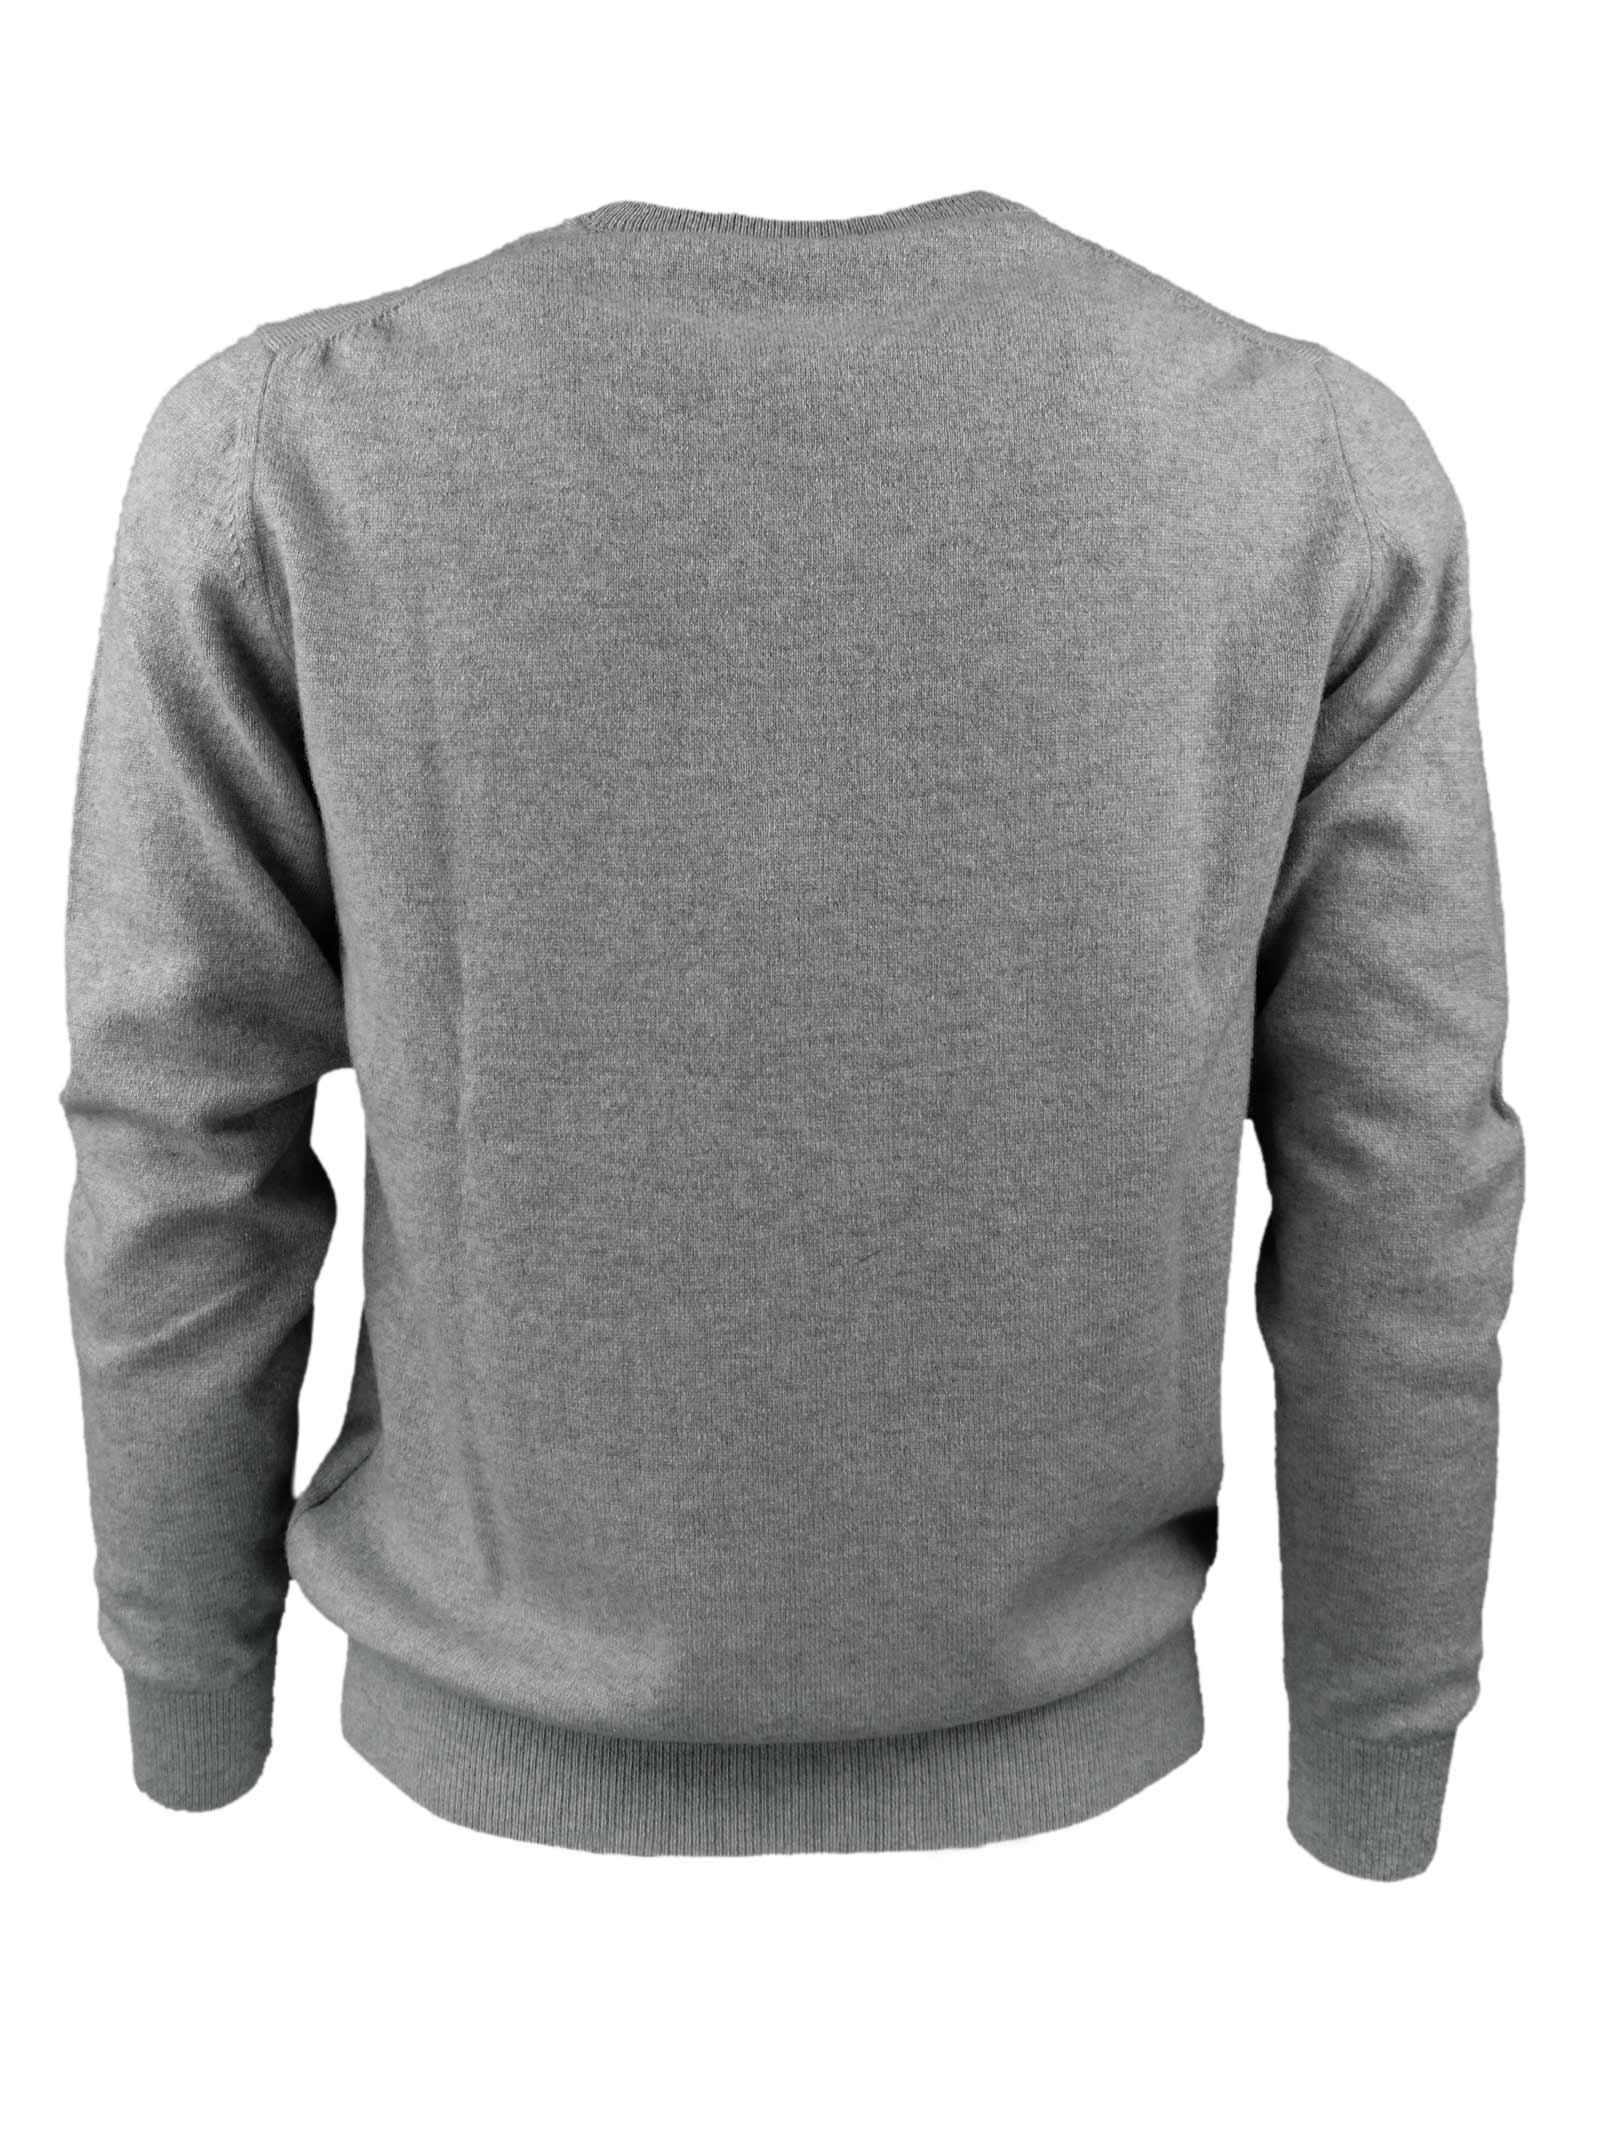 H953 | Knitwear | 339504